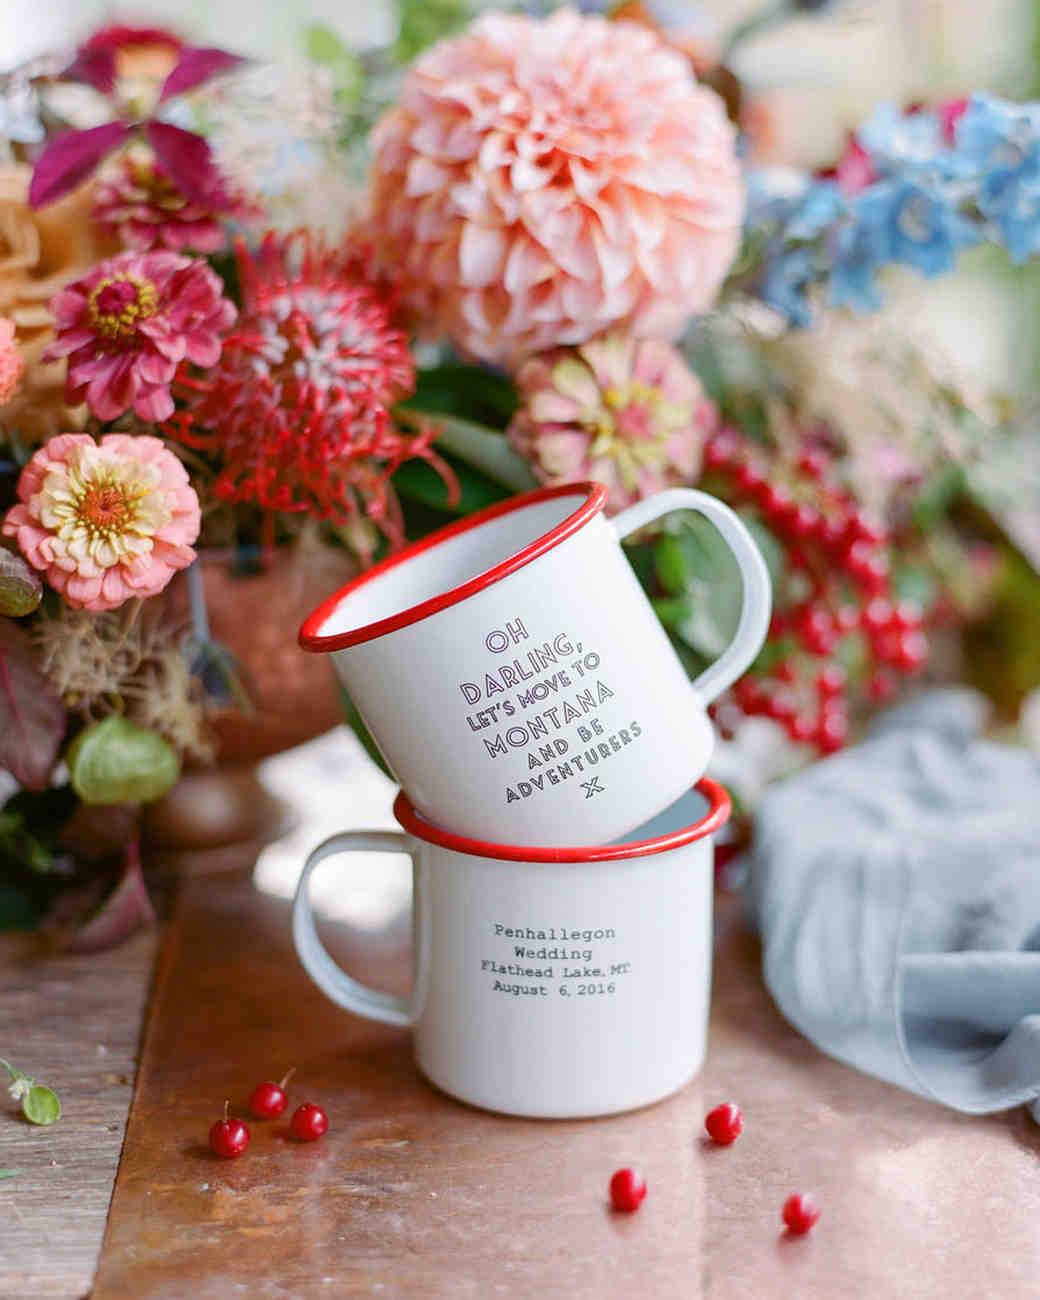 emily patton wedding montana favors